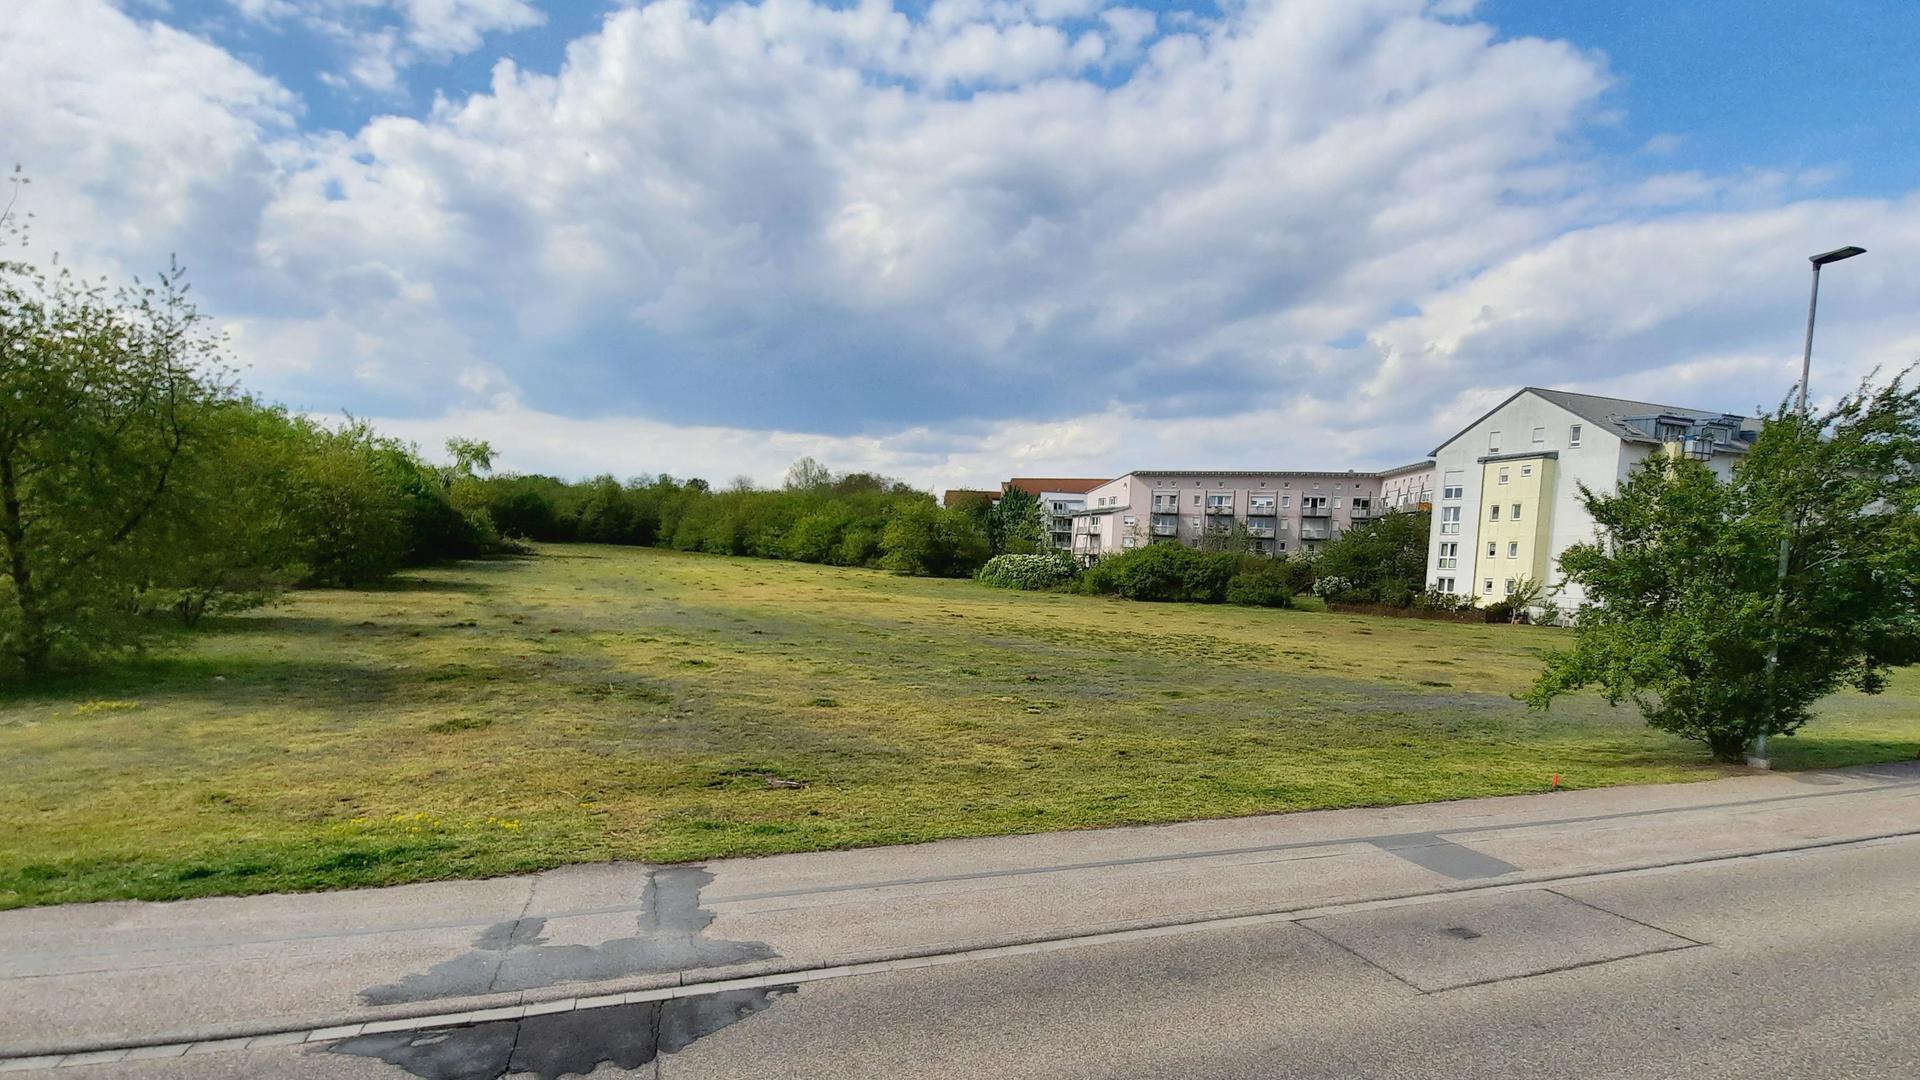 """Das Areal """"Kirchbühl"""" befindet sich zwischen der Forchheimer Ortsrandbebauung in der Straße Kirchbühl und dem Geschosswohnungsbau in der Weinbrennerstraße. Hier könnte bis Ende 2024 ein großes Baugebiet entstehen."""